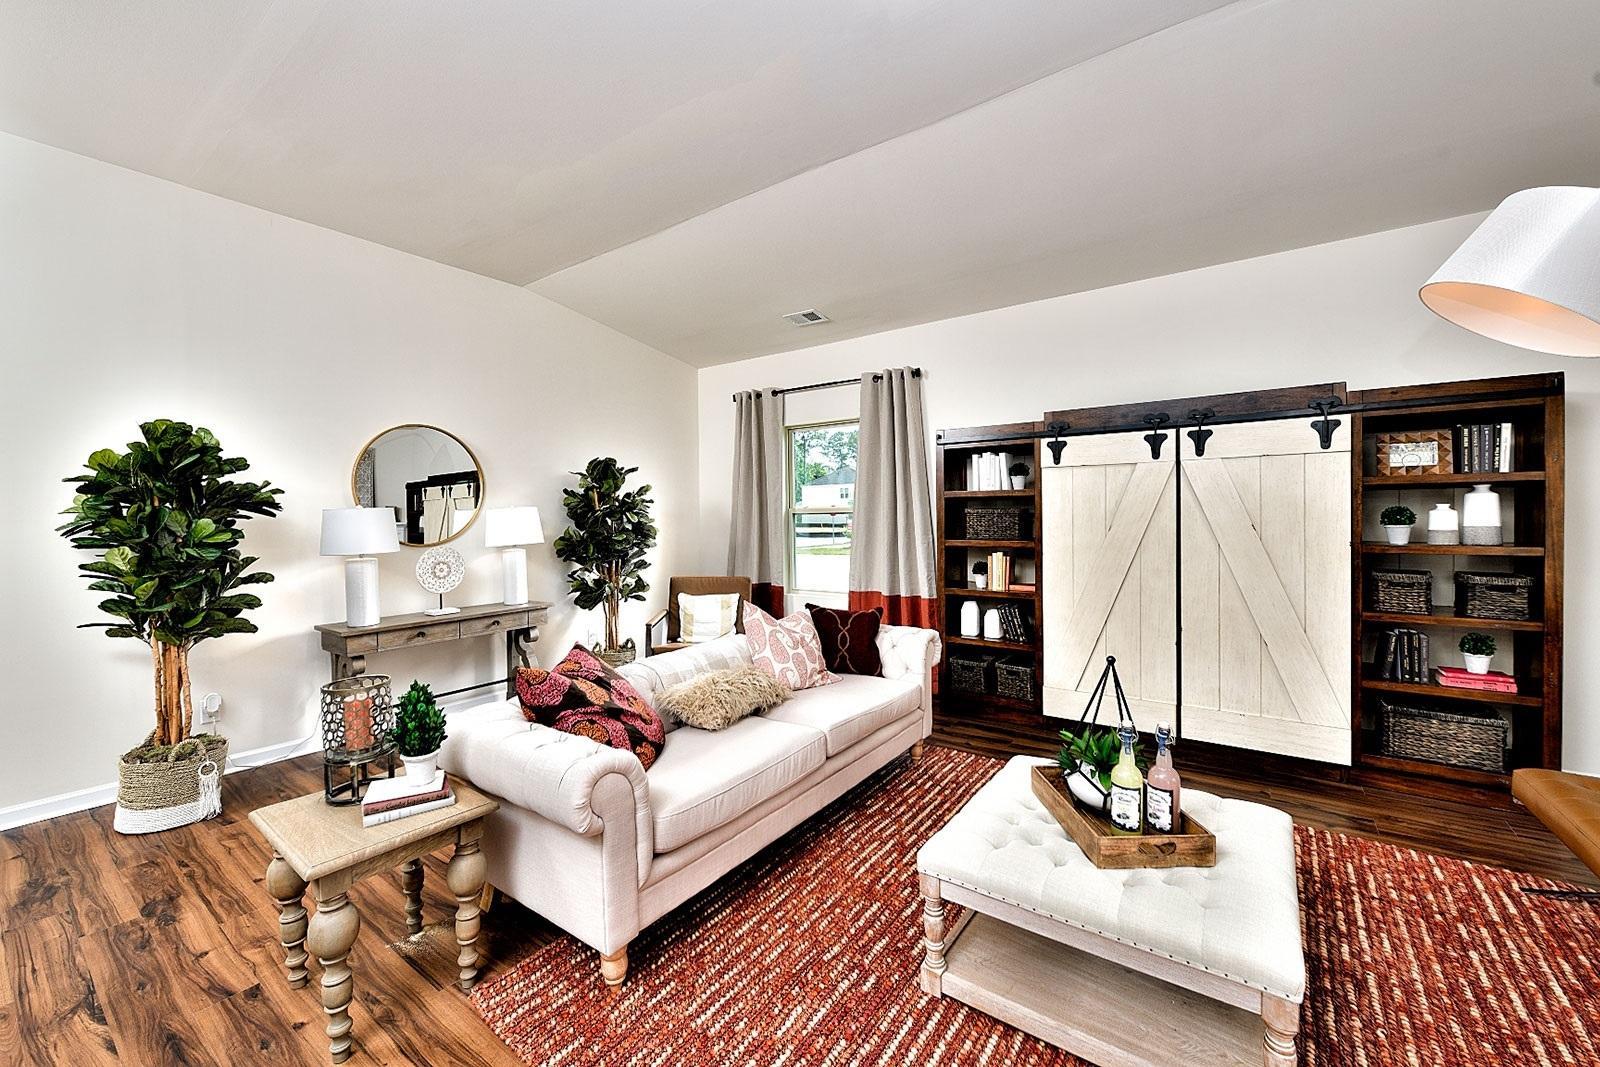 Medway Landing Homes For Sale - 254 Hyrne Drive, Goose Creek, SC - 9